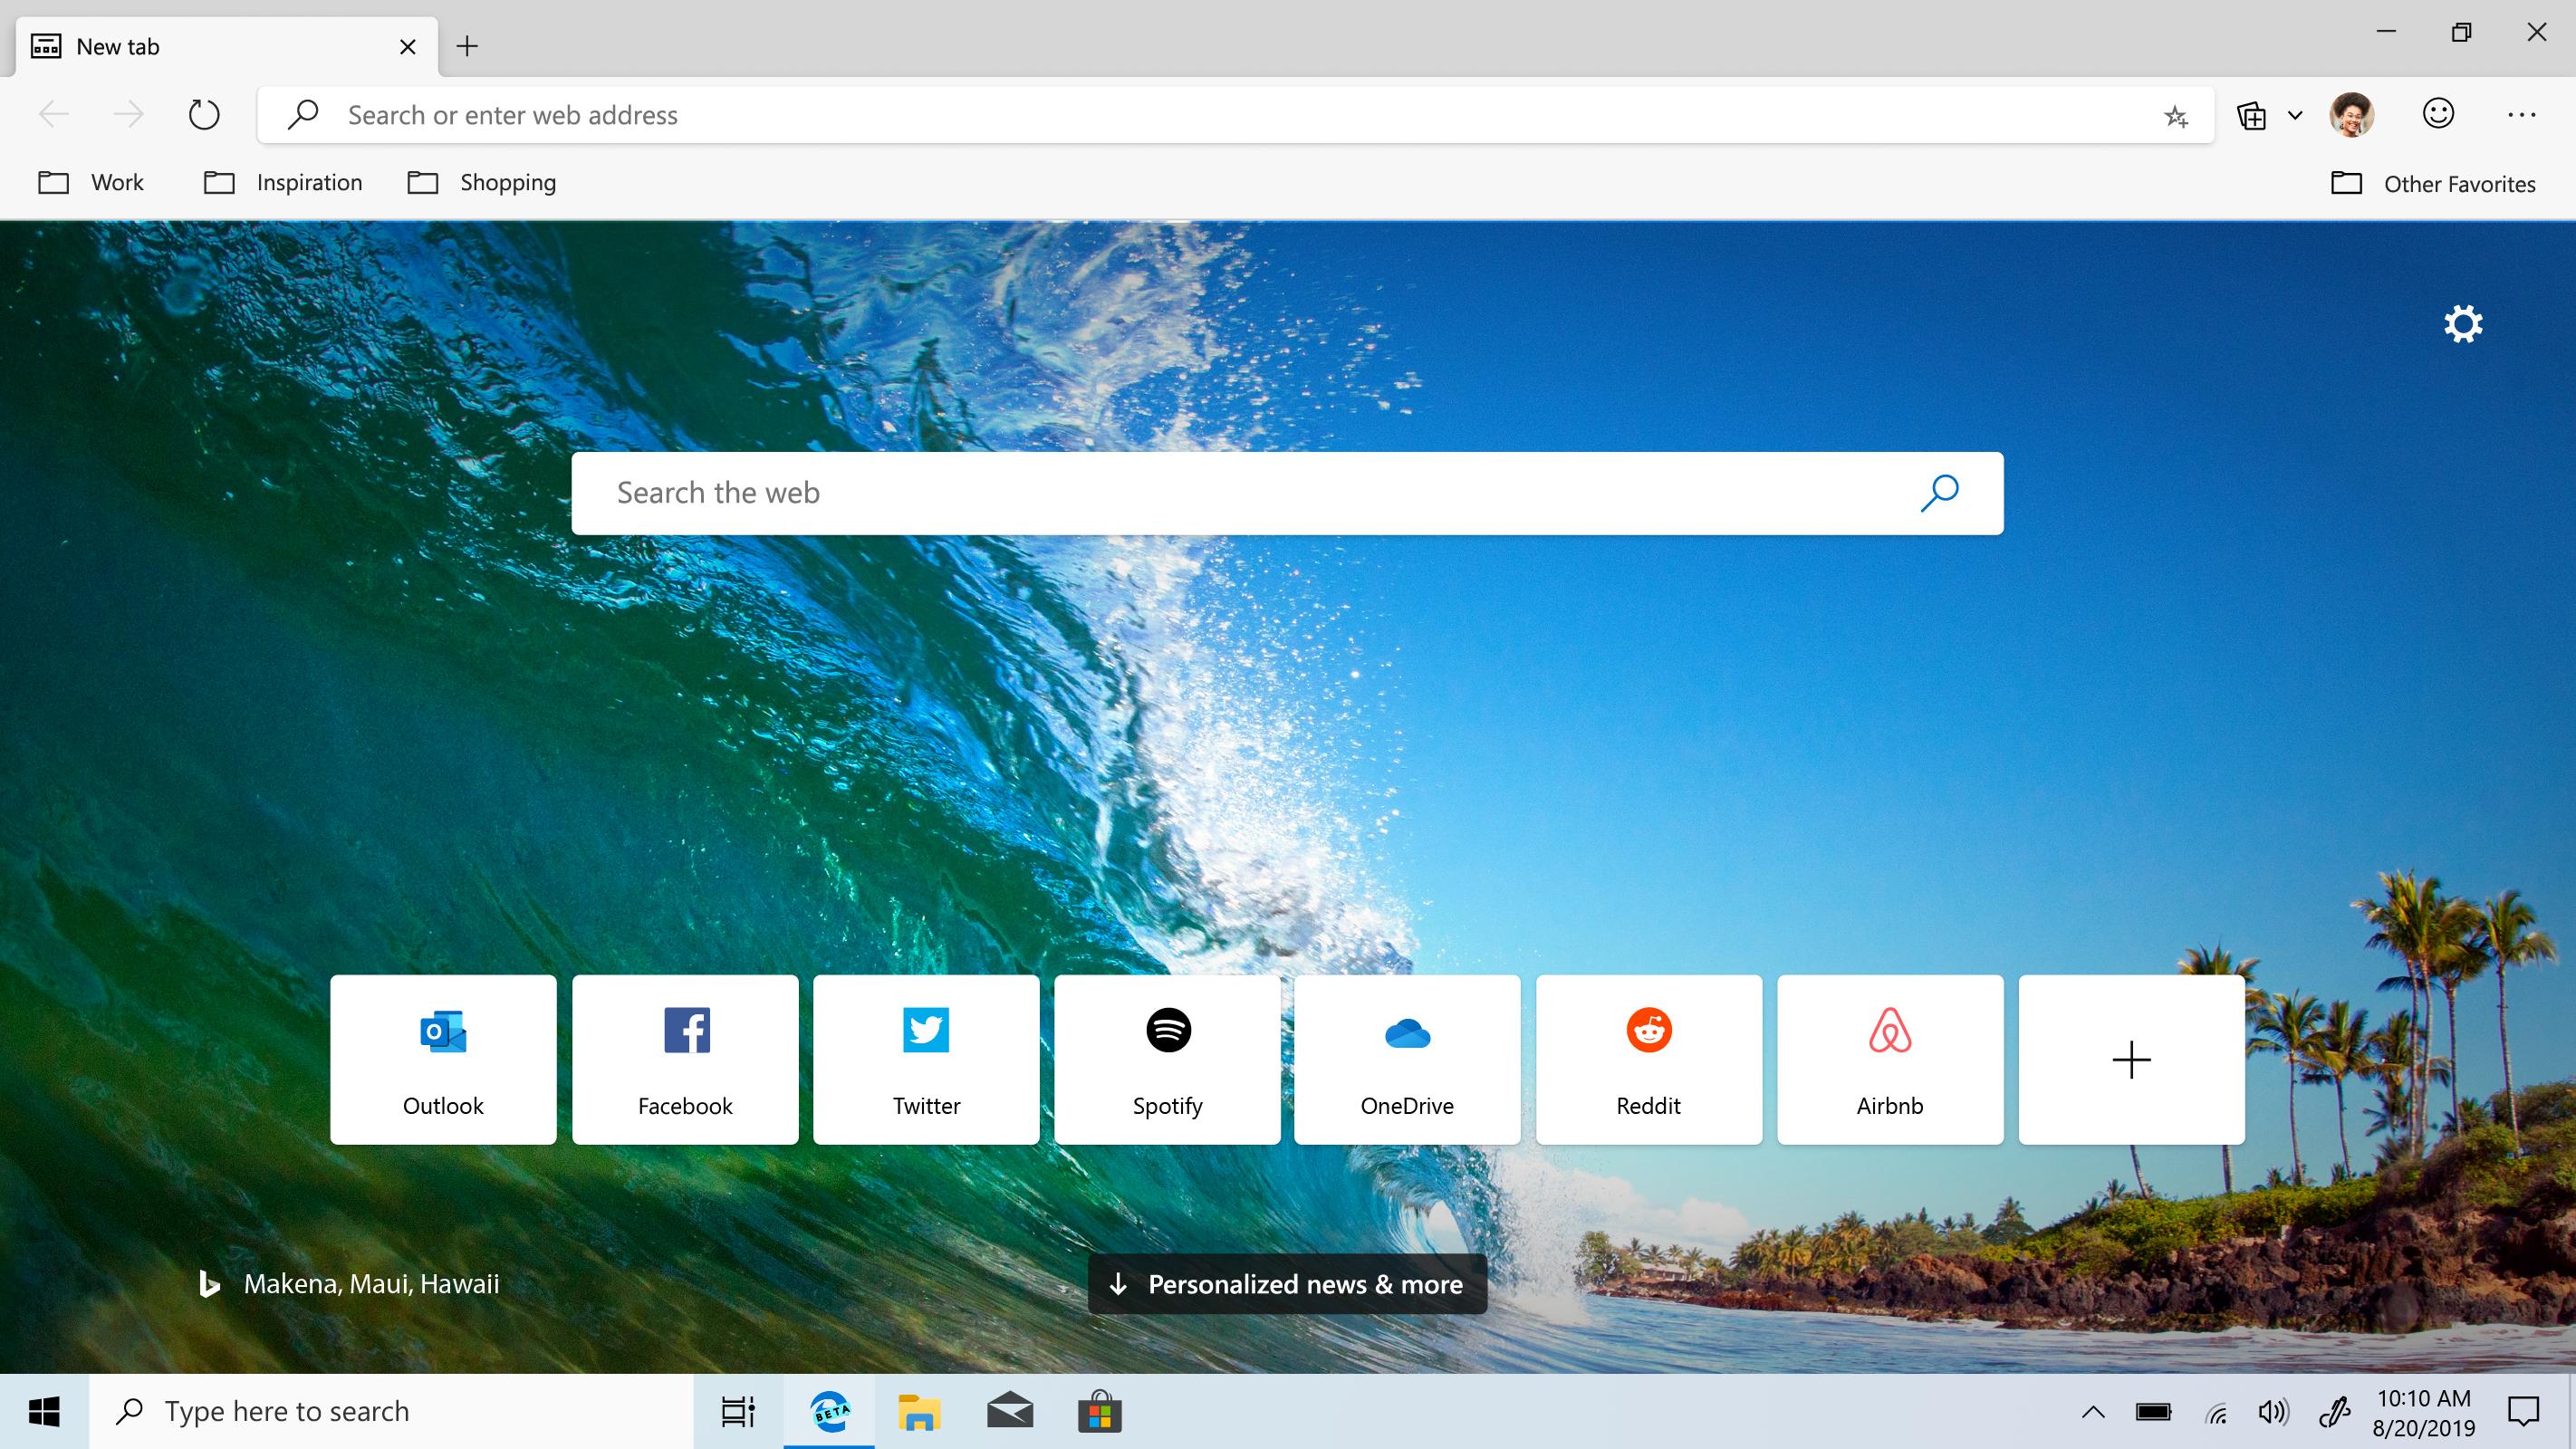 Microsoft ofrece U$S 30.000 a quienes encuentren bugs en EDGE